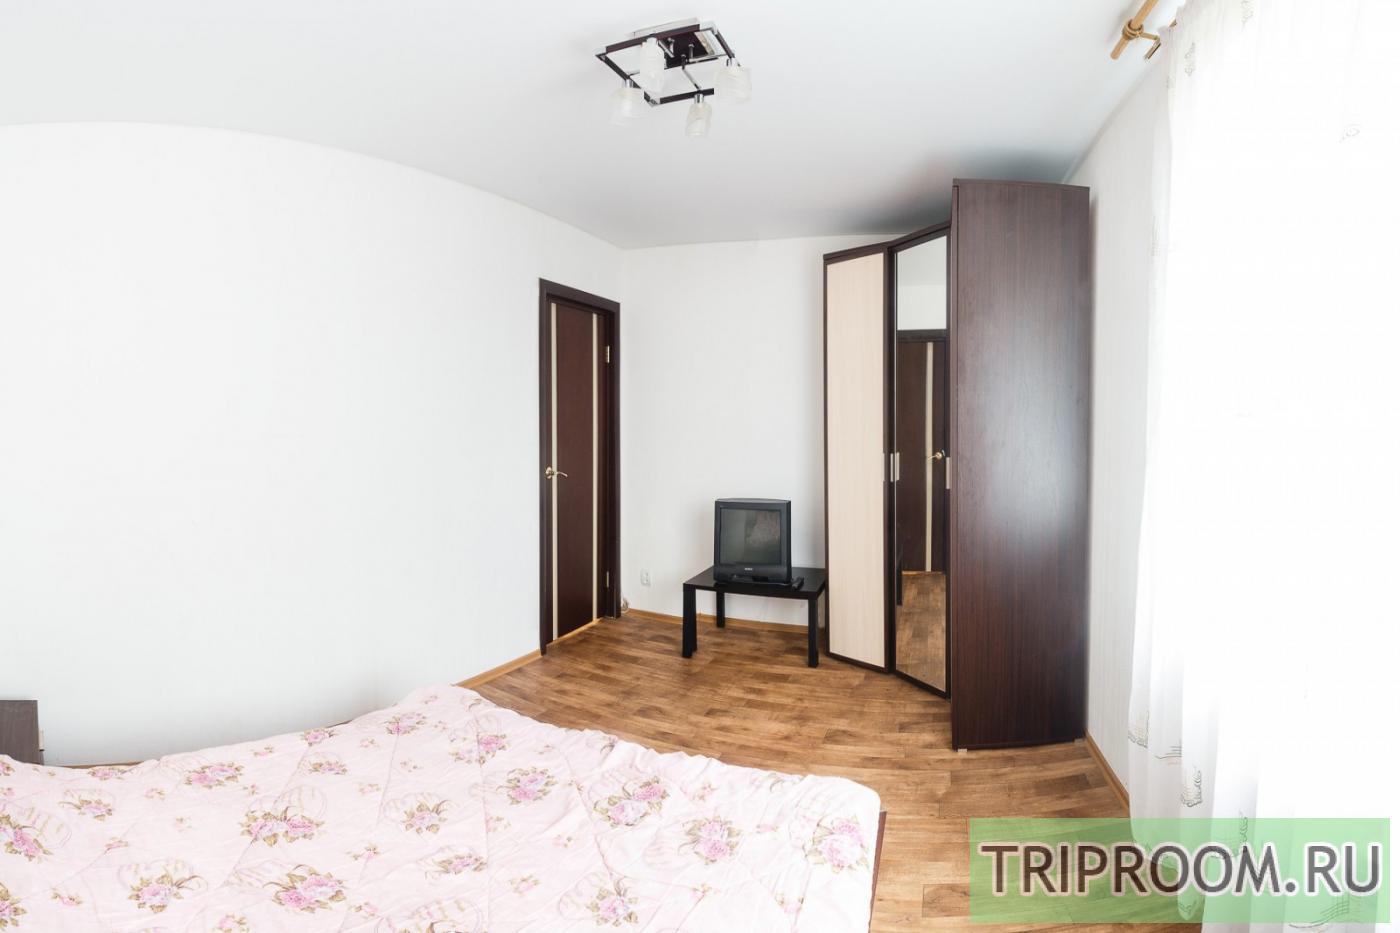 2-комнатная квартира посуточно (вариант № 4976), ул. Волочаевская улица, фото № 11